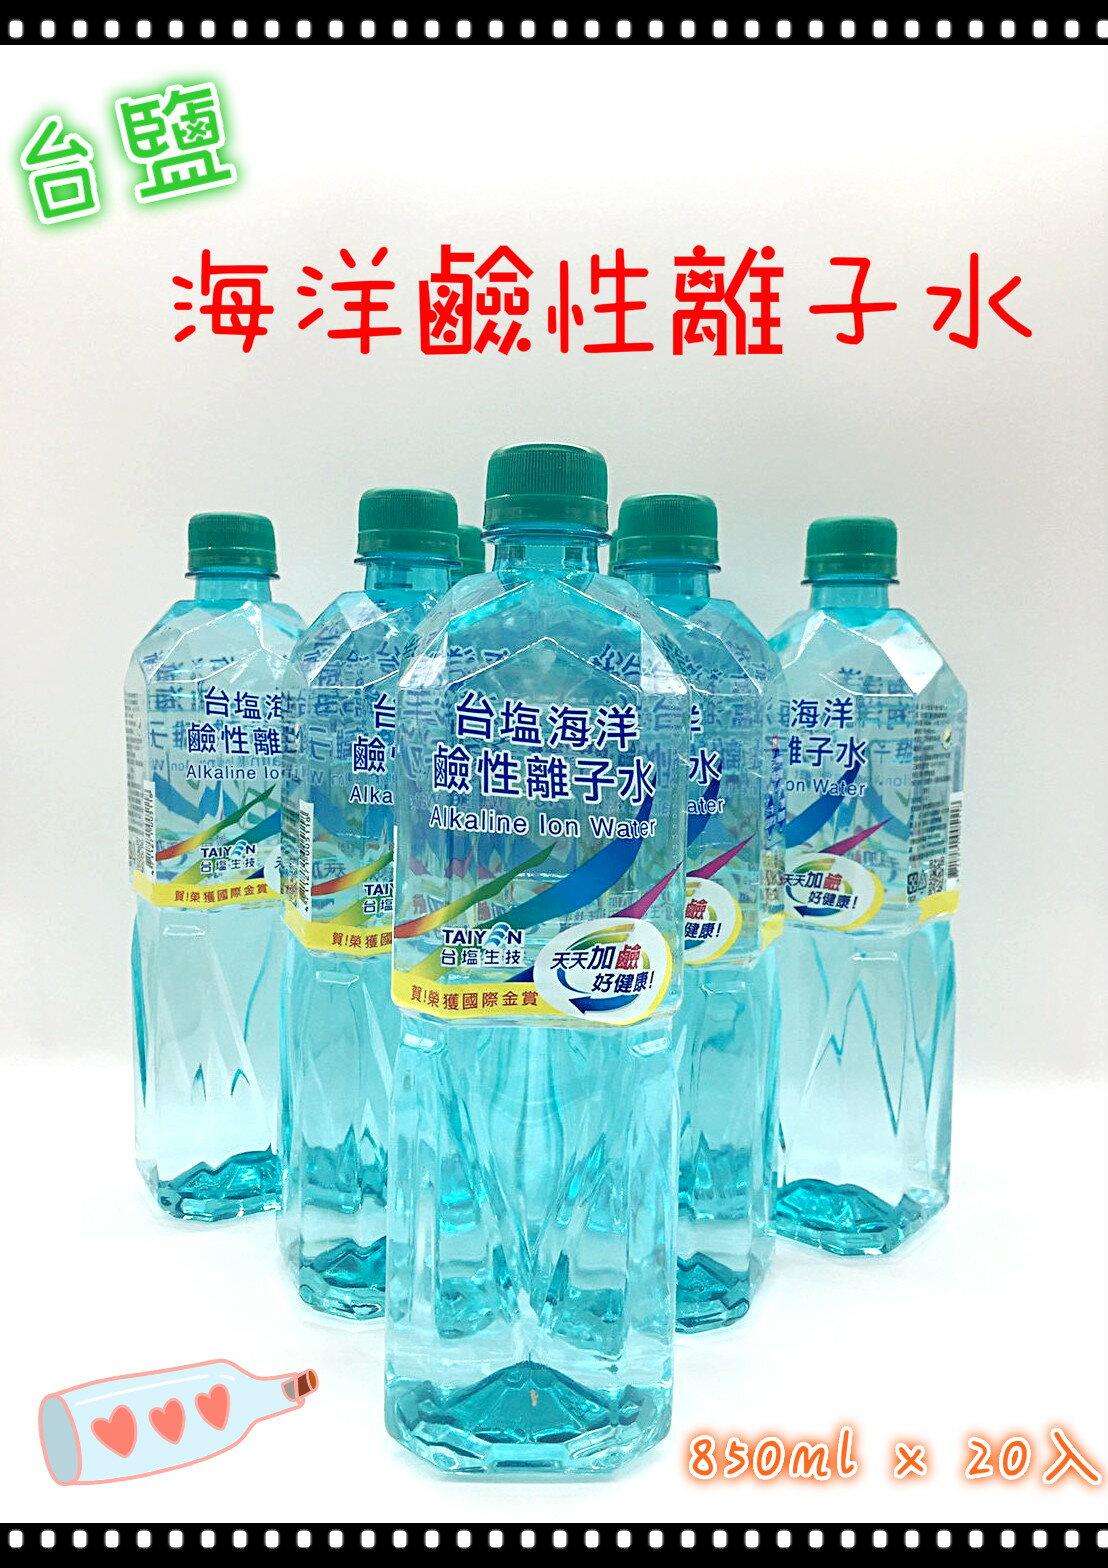 ?含發票?限宅配?台鹽 海洋鹼性離子水850mlx20瓶?礦泉水 竹炭水 海洋鹼性離子水 多喝水 純水 悅氏?